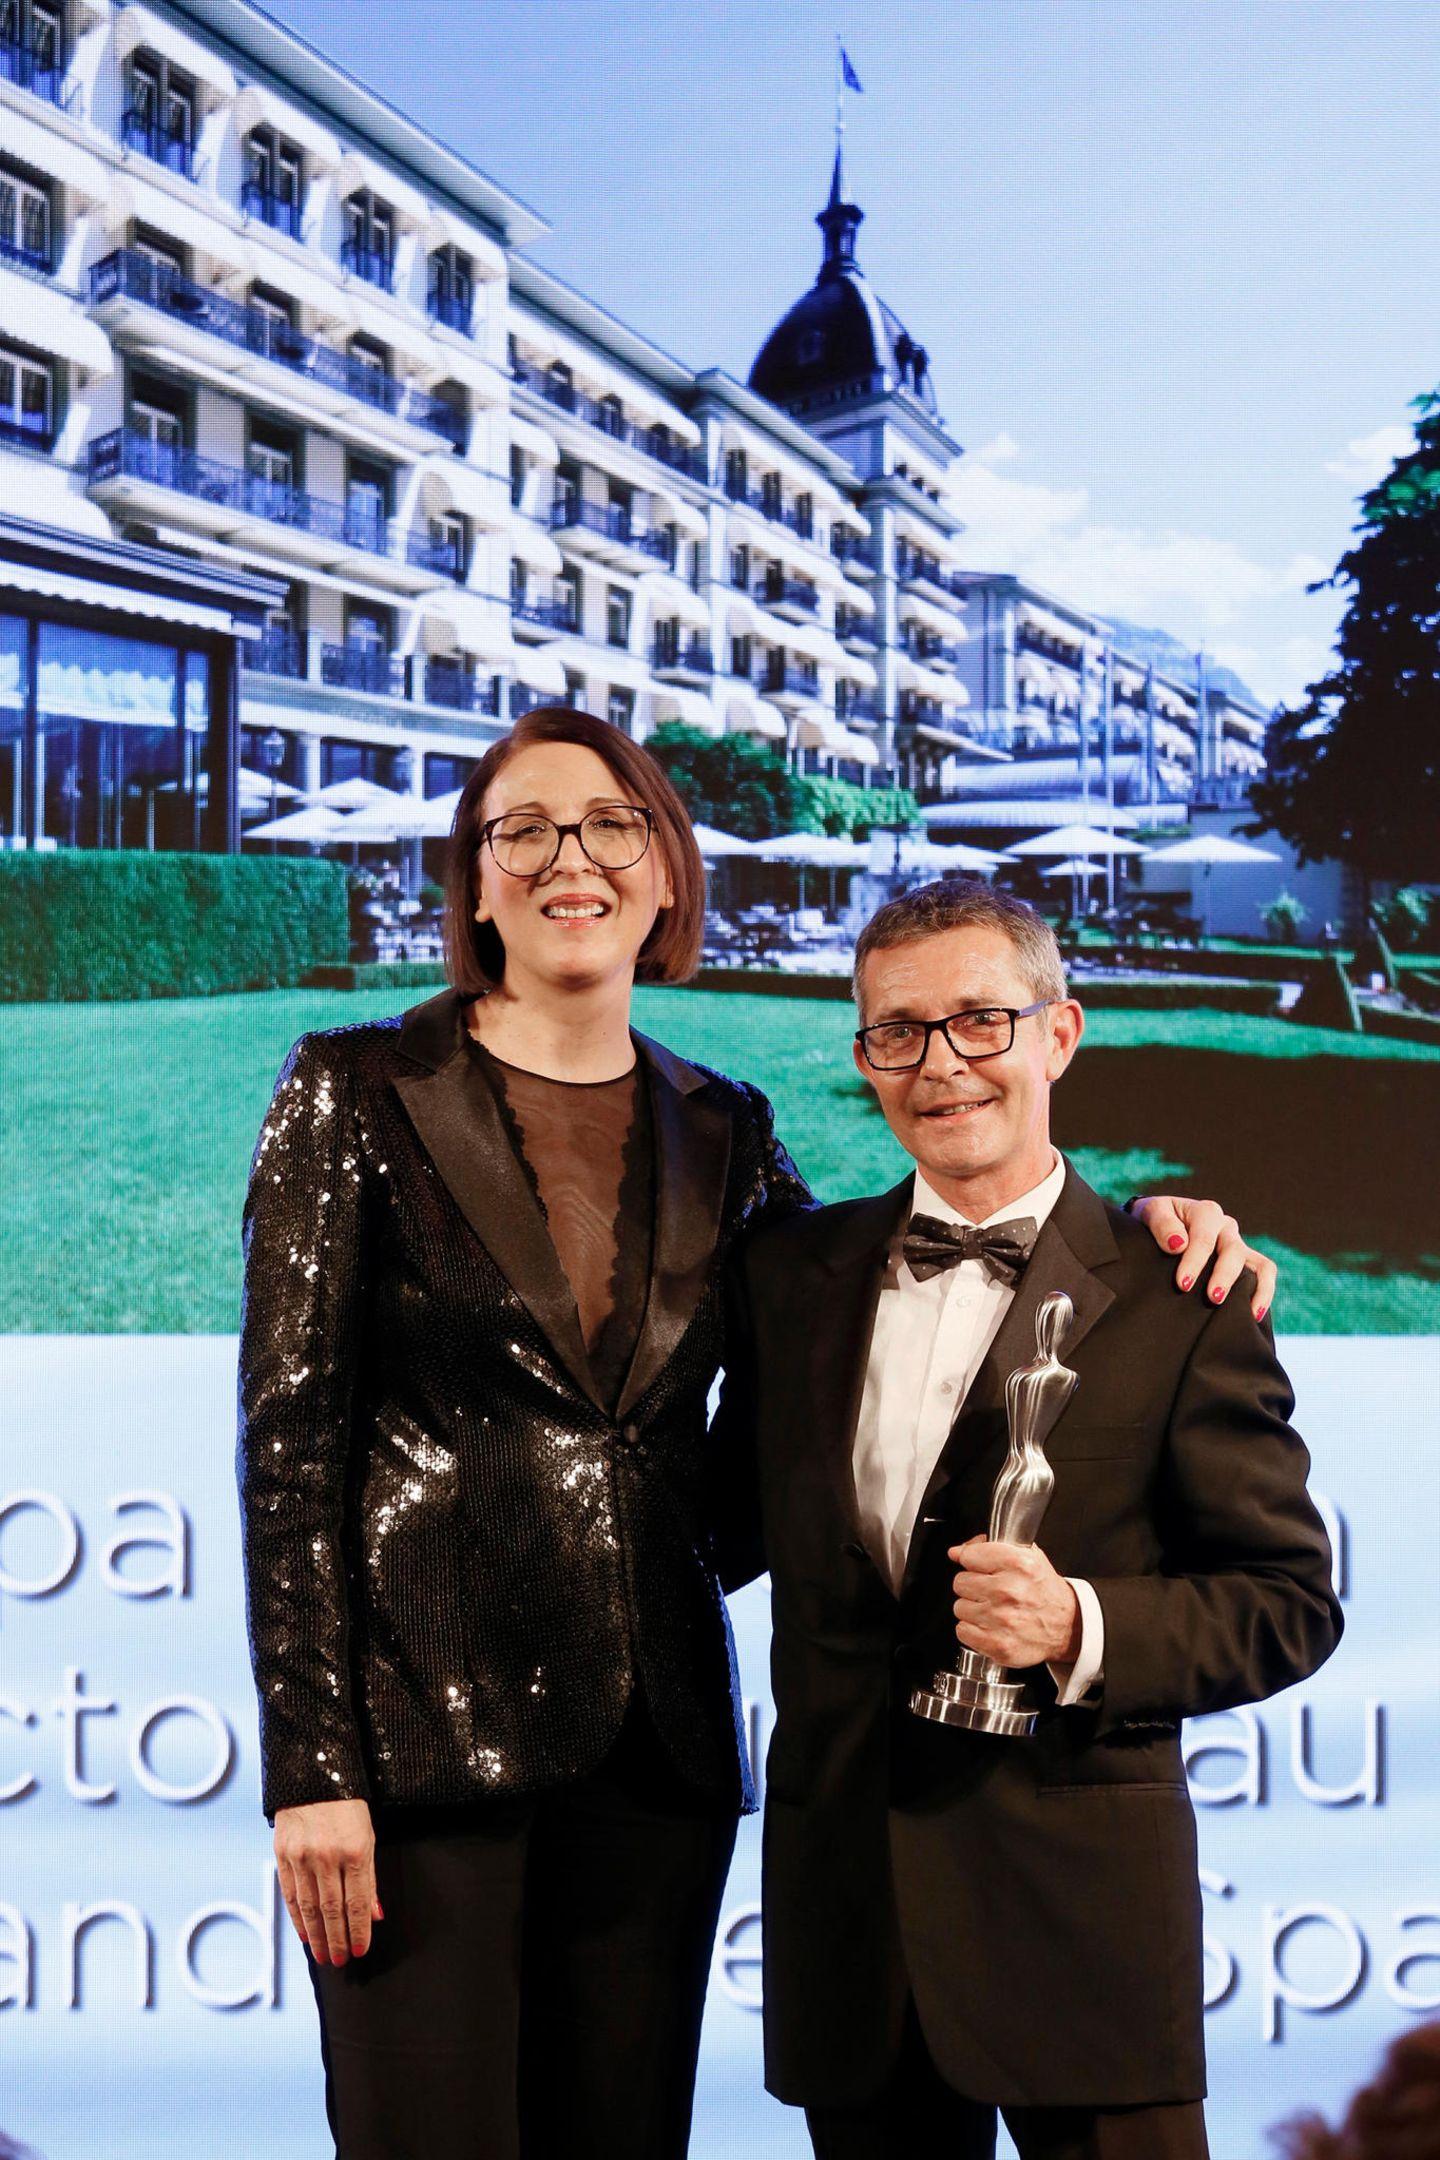 """Frie Kicherer (Beauty-Chefin GALA) überreicht den Beauty-Oscar für """"Medical & Health Concepts"""" an Hans-Peter Veit für das """"Spa Nescens im Victoria Jungfrau Frand Hotel &Spa""""."""